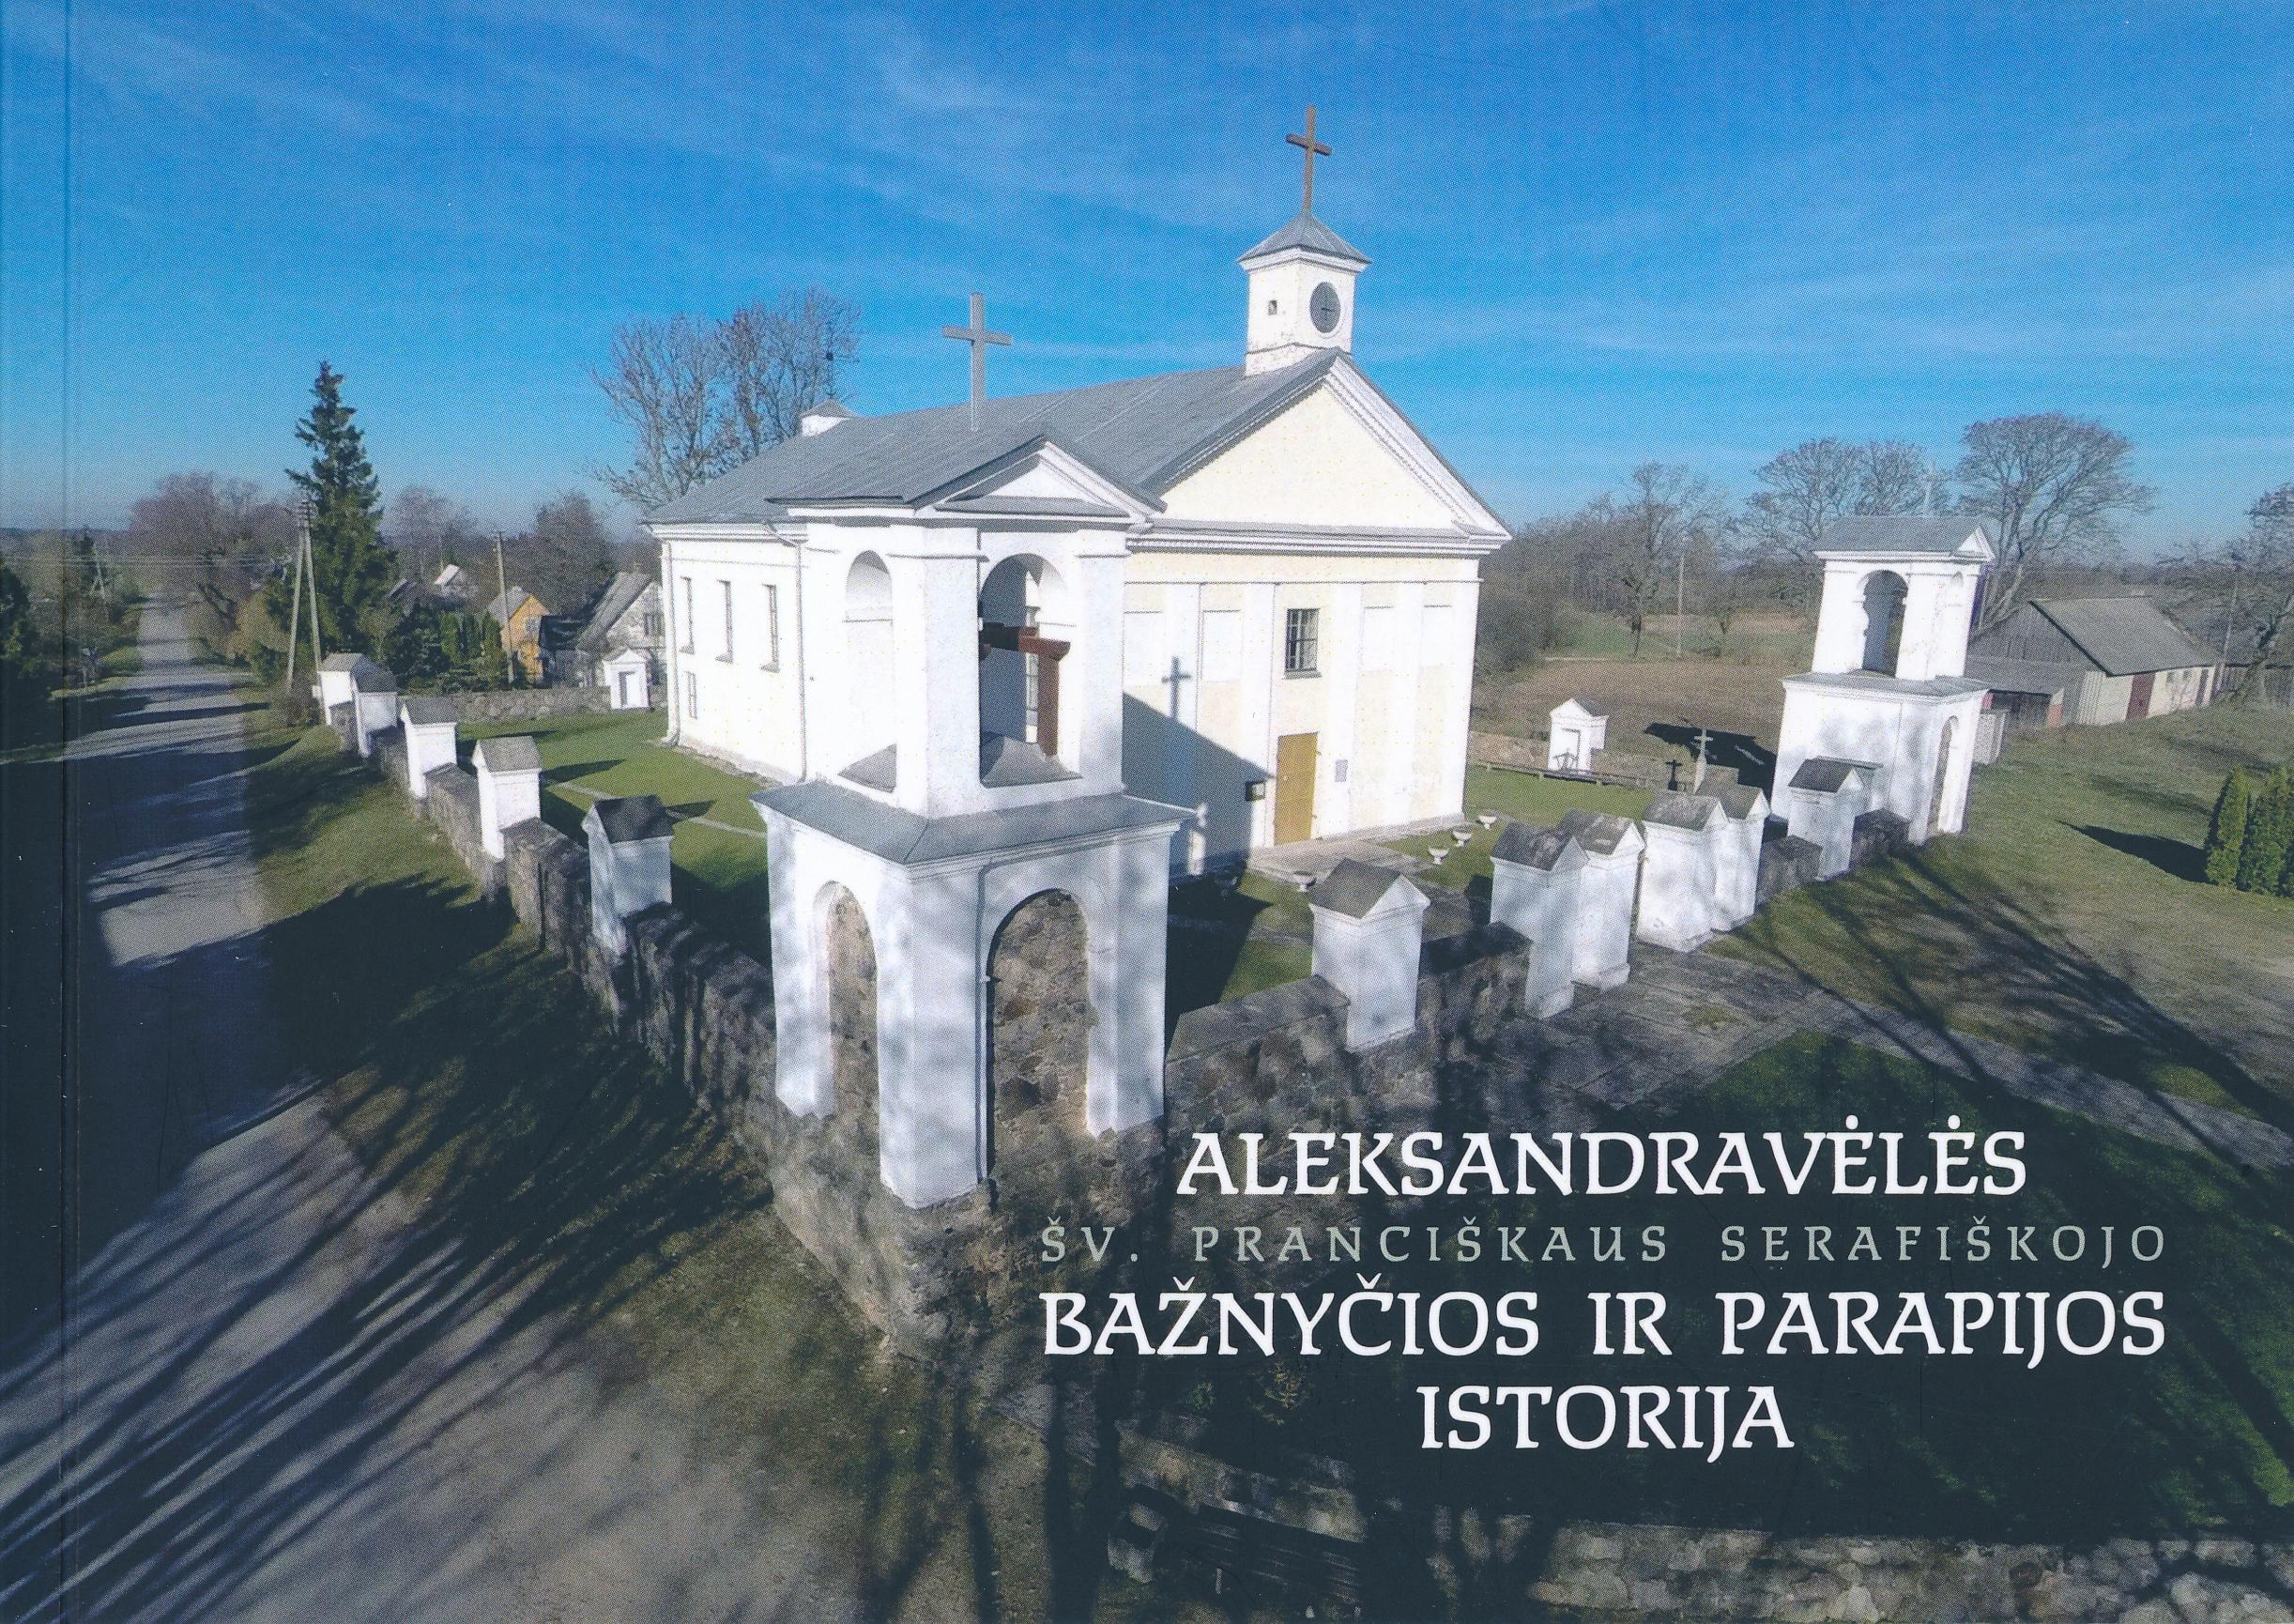 Aleksandravėlės bažnyčios ir parapijos istorija